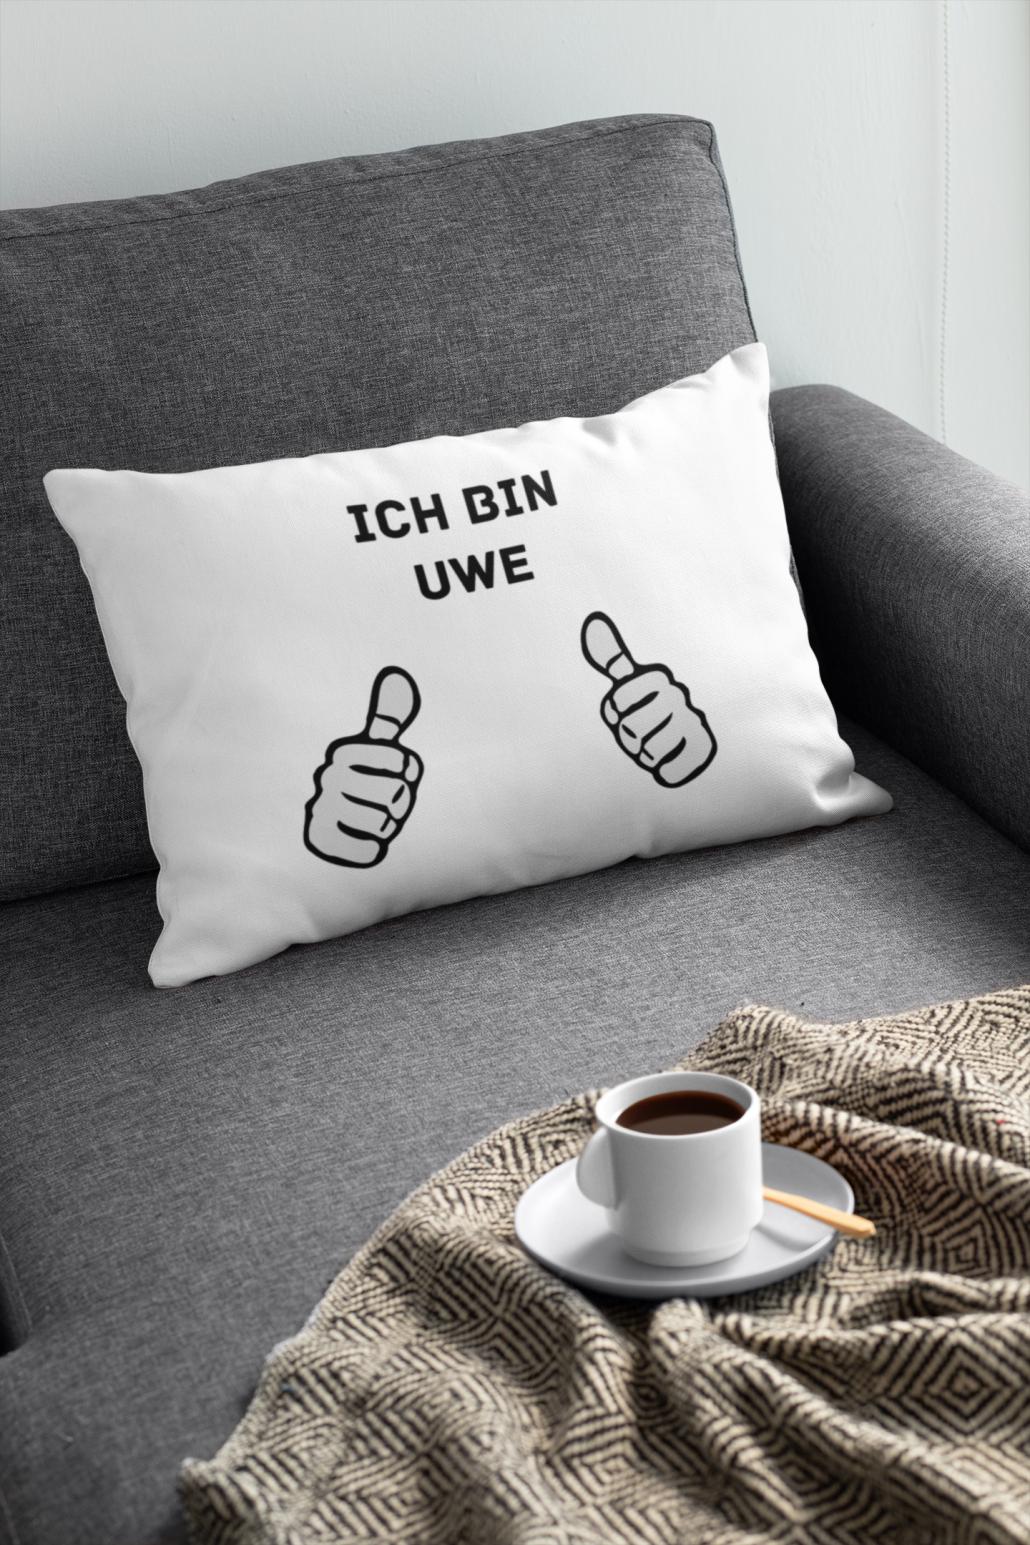 """Sofakissen auf Couch mit Aufdruck """"Ich bin Uwe"""" und zwei aufgedruckten Daumen, die auf Schriftzug zeigen, vor dem Kissen steht eine Kaffeetasse."""